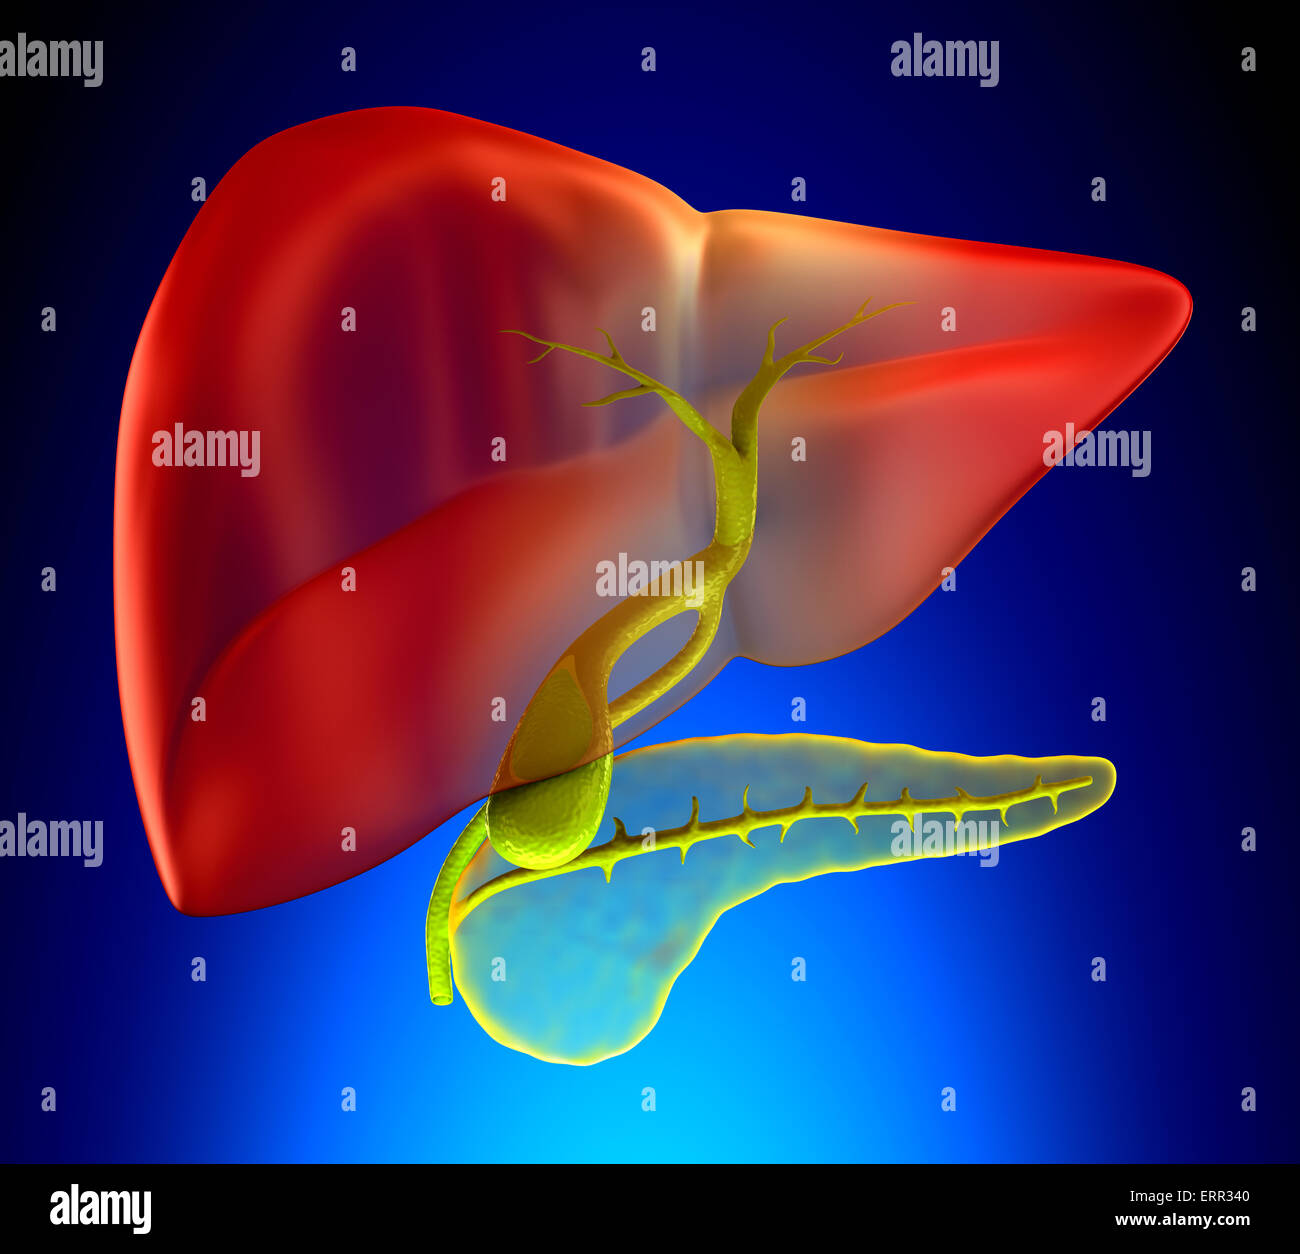 Gallenblase im Querschnitt echte menschliche Anatomie - auf blauem ...